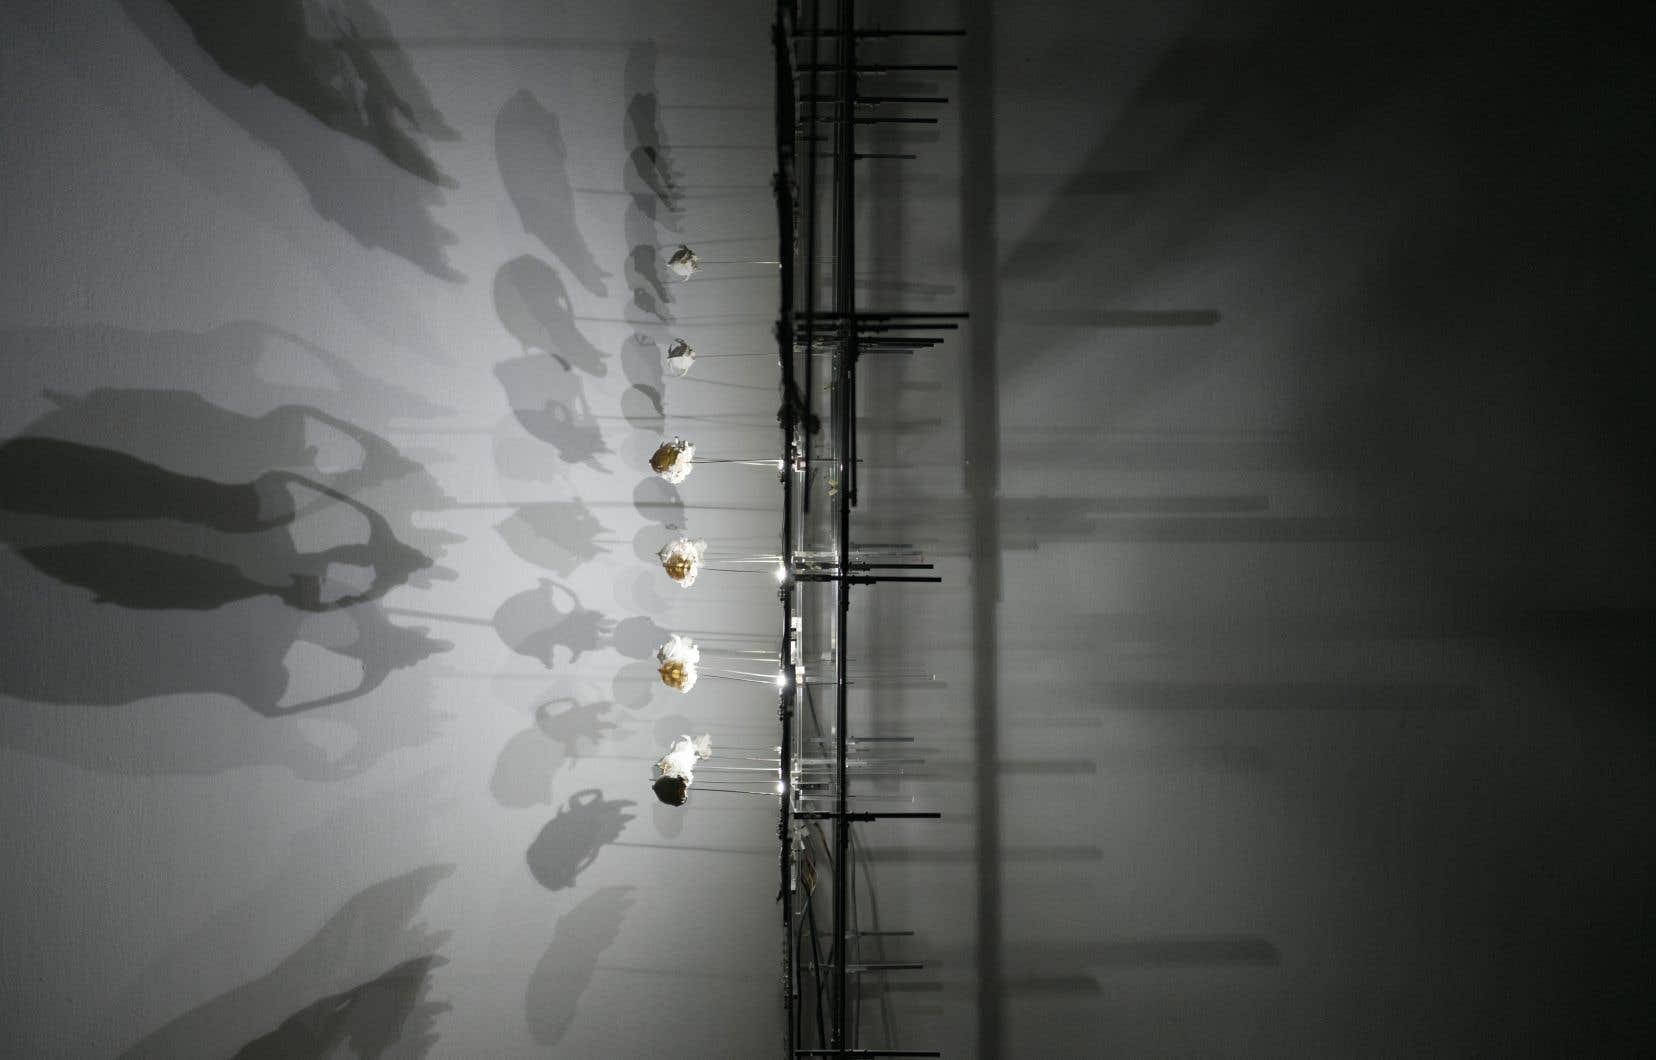 L'artiste rapproche l'informatique et la biologie à partir d'images de crânes de chauves-souris («Chiroptera» de leur nom savant) tirées de données tomographiques.